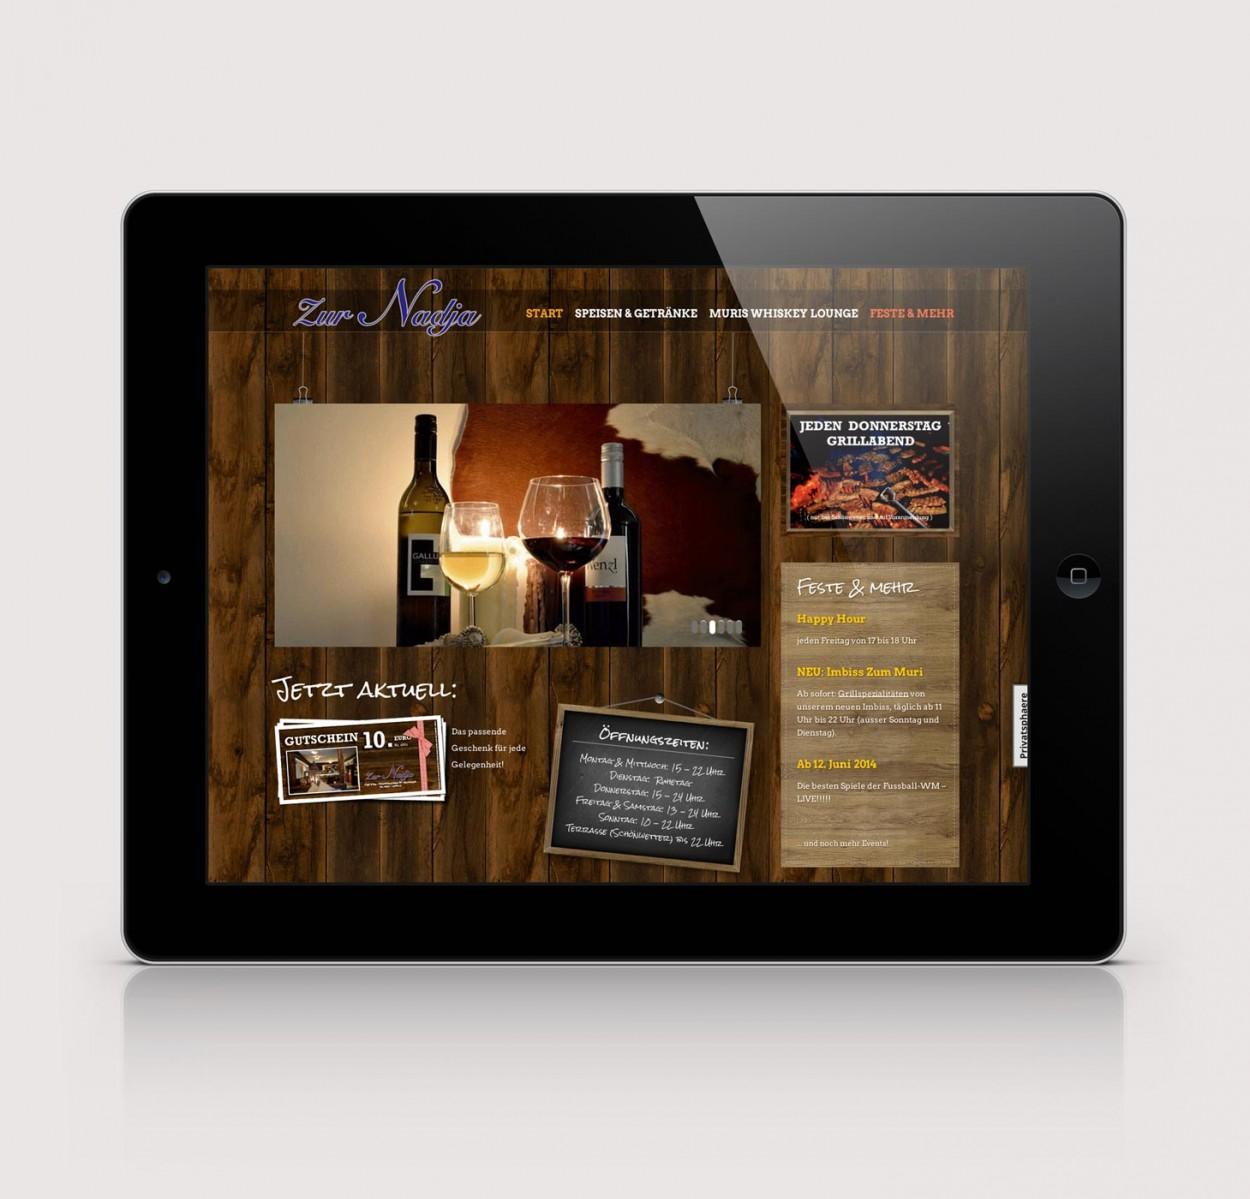 Zur-Nadja-Homepage.jpg